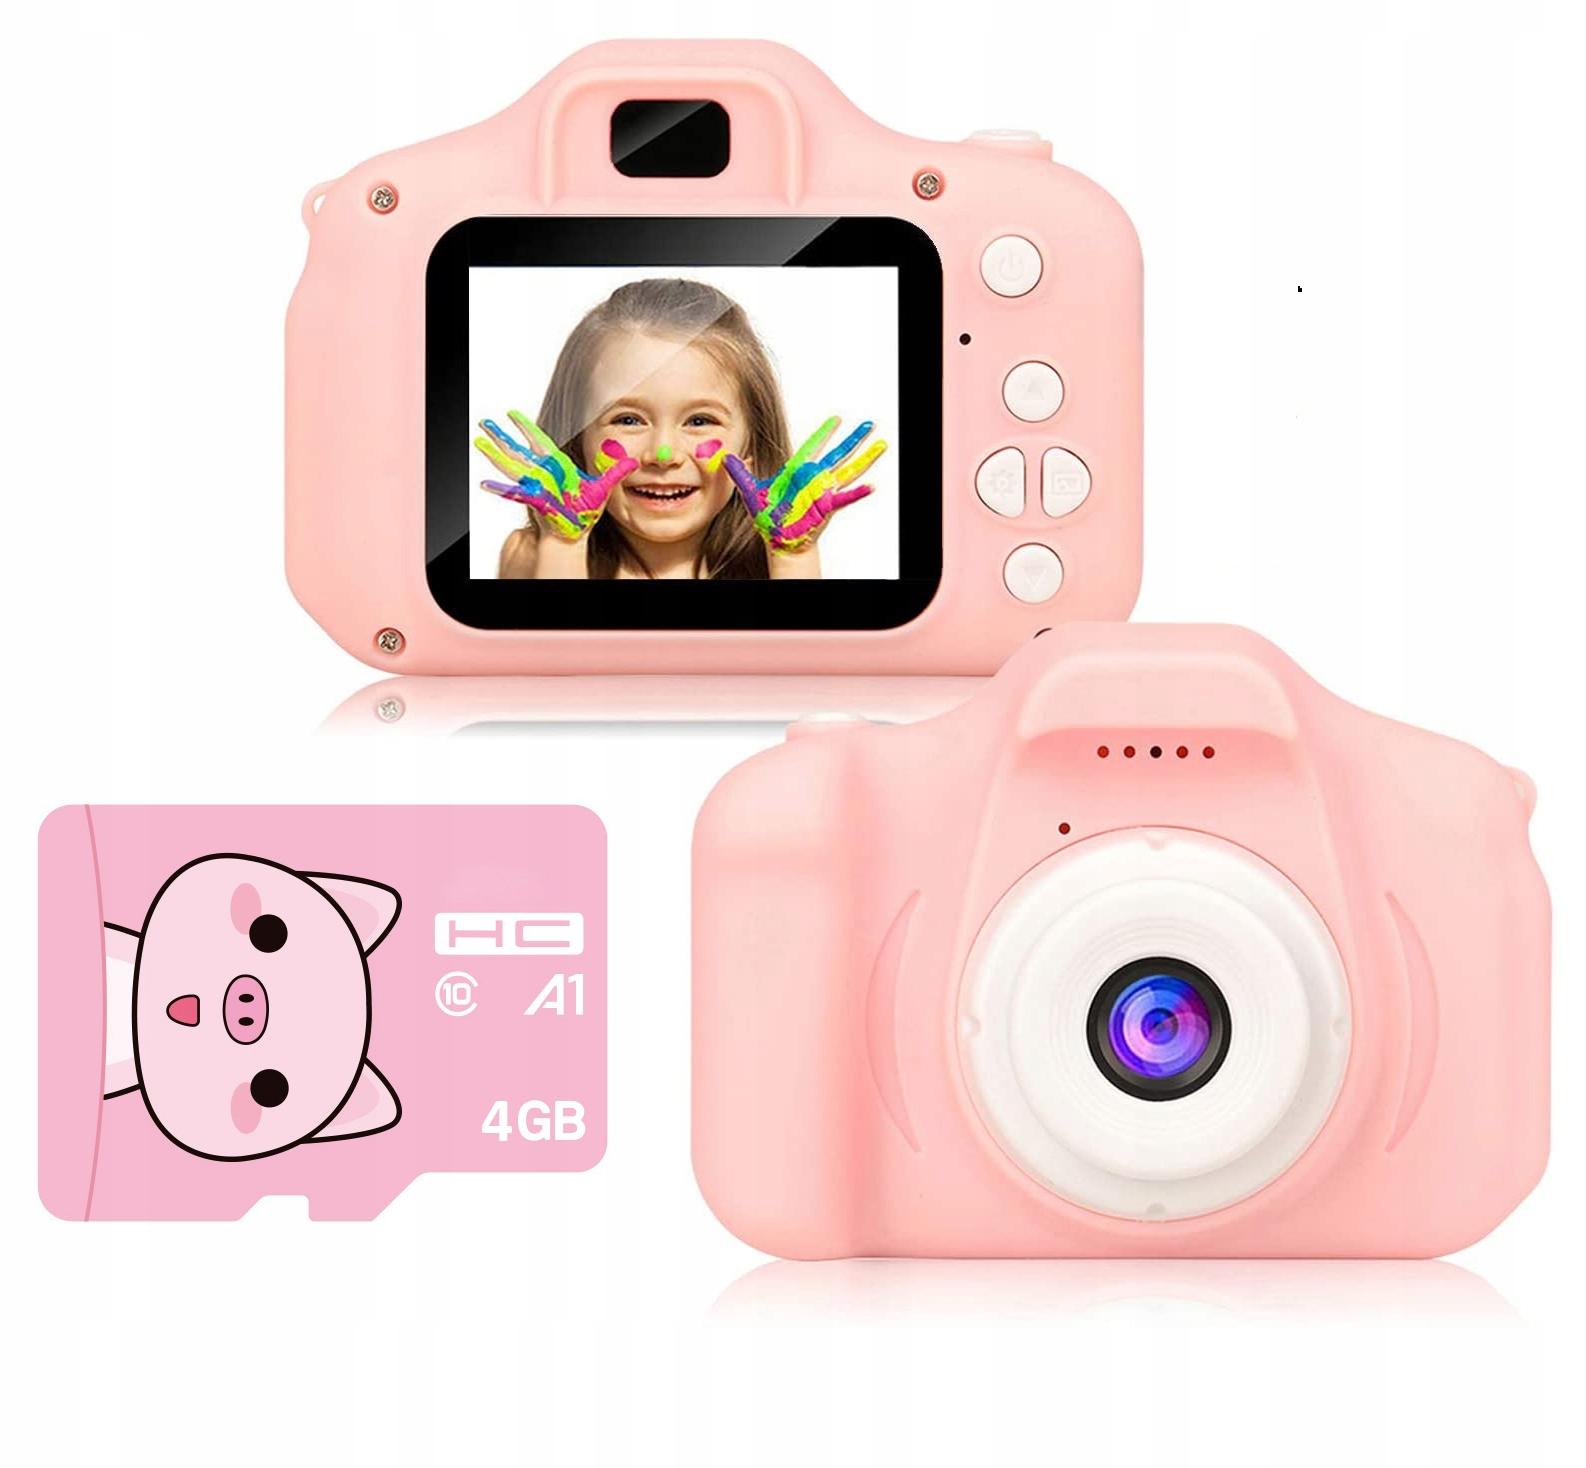 APARAT CYFROWY dla DZIECI FOTOGRAFICZNY+ KARTA 4GB